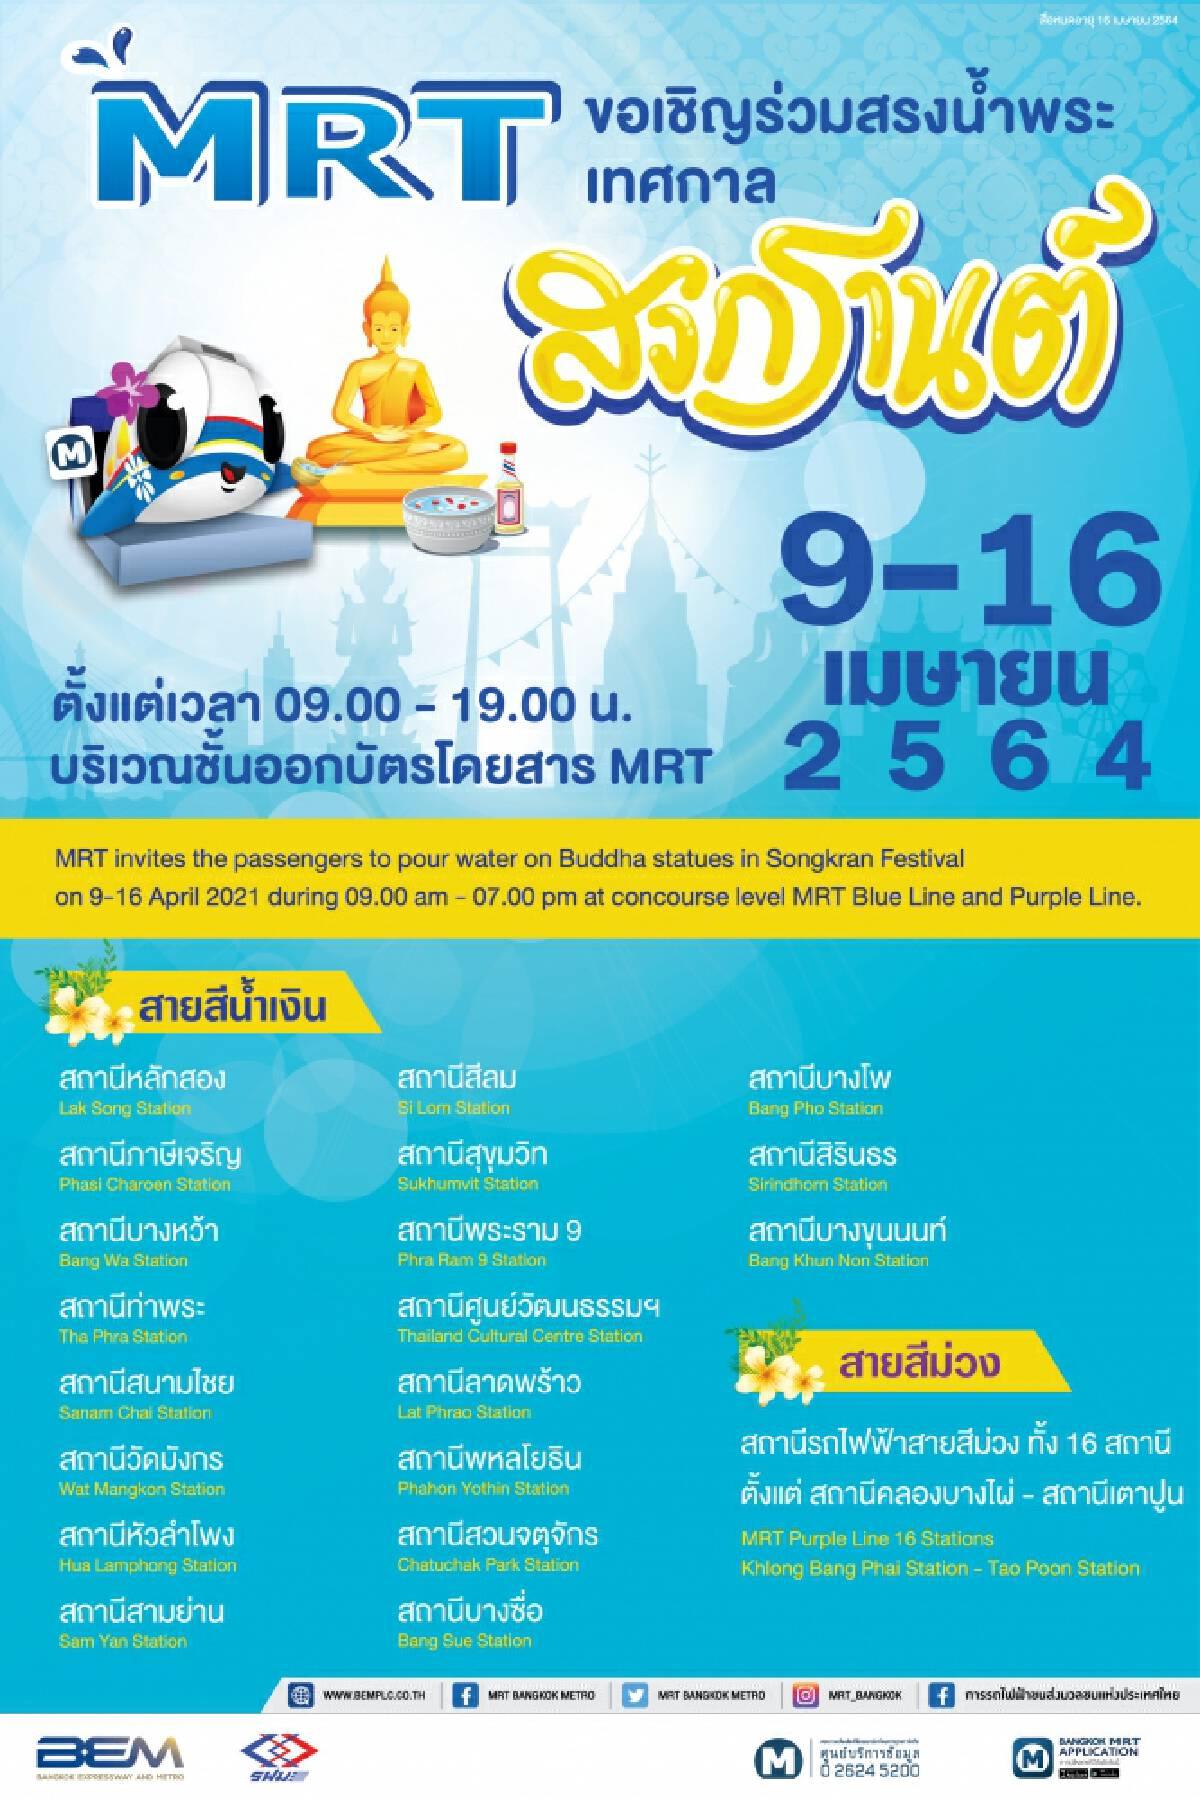 Seniors ride for free on MRT this Songkran